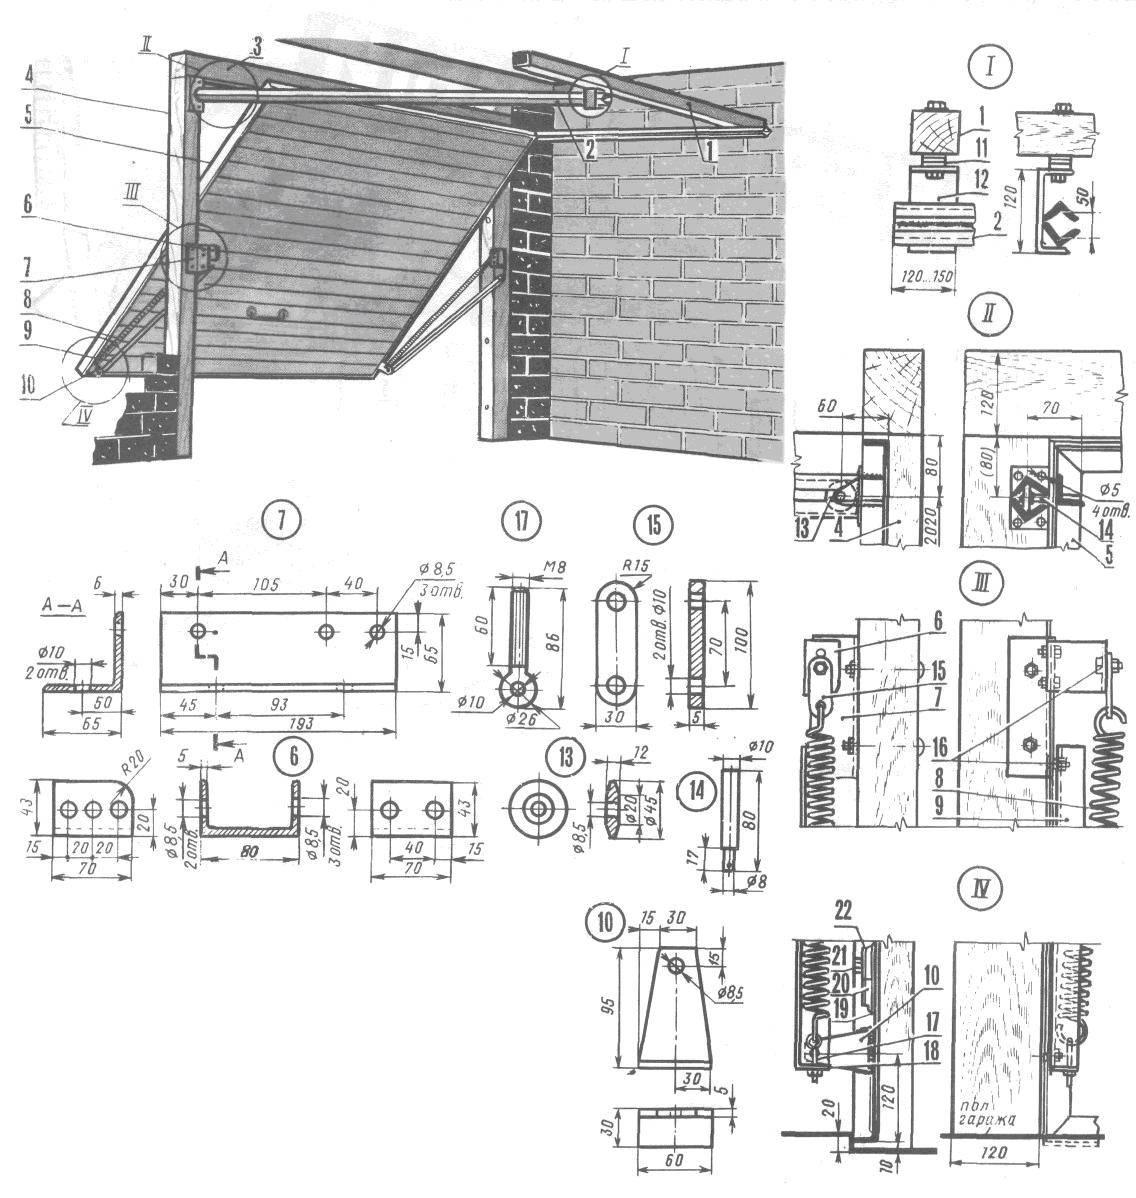 Гаражные ворота своими руками: особенности складной конструкции, чертежи, фото и видео этапов изготовления